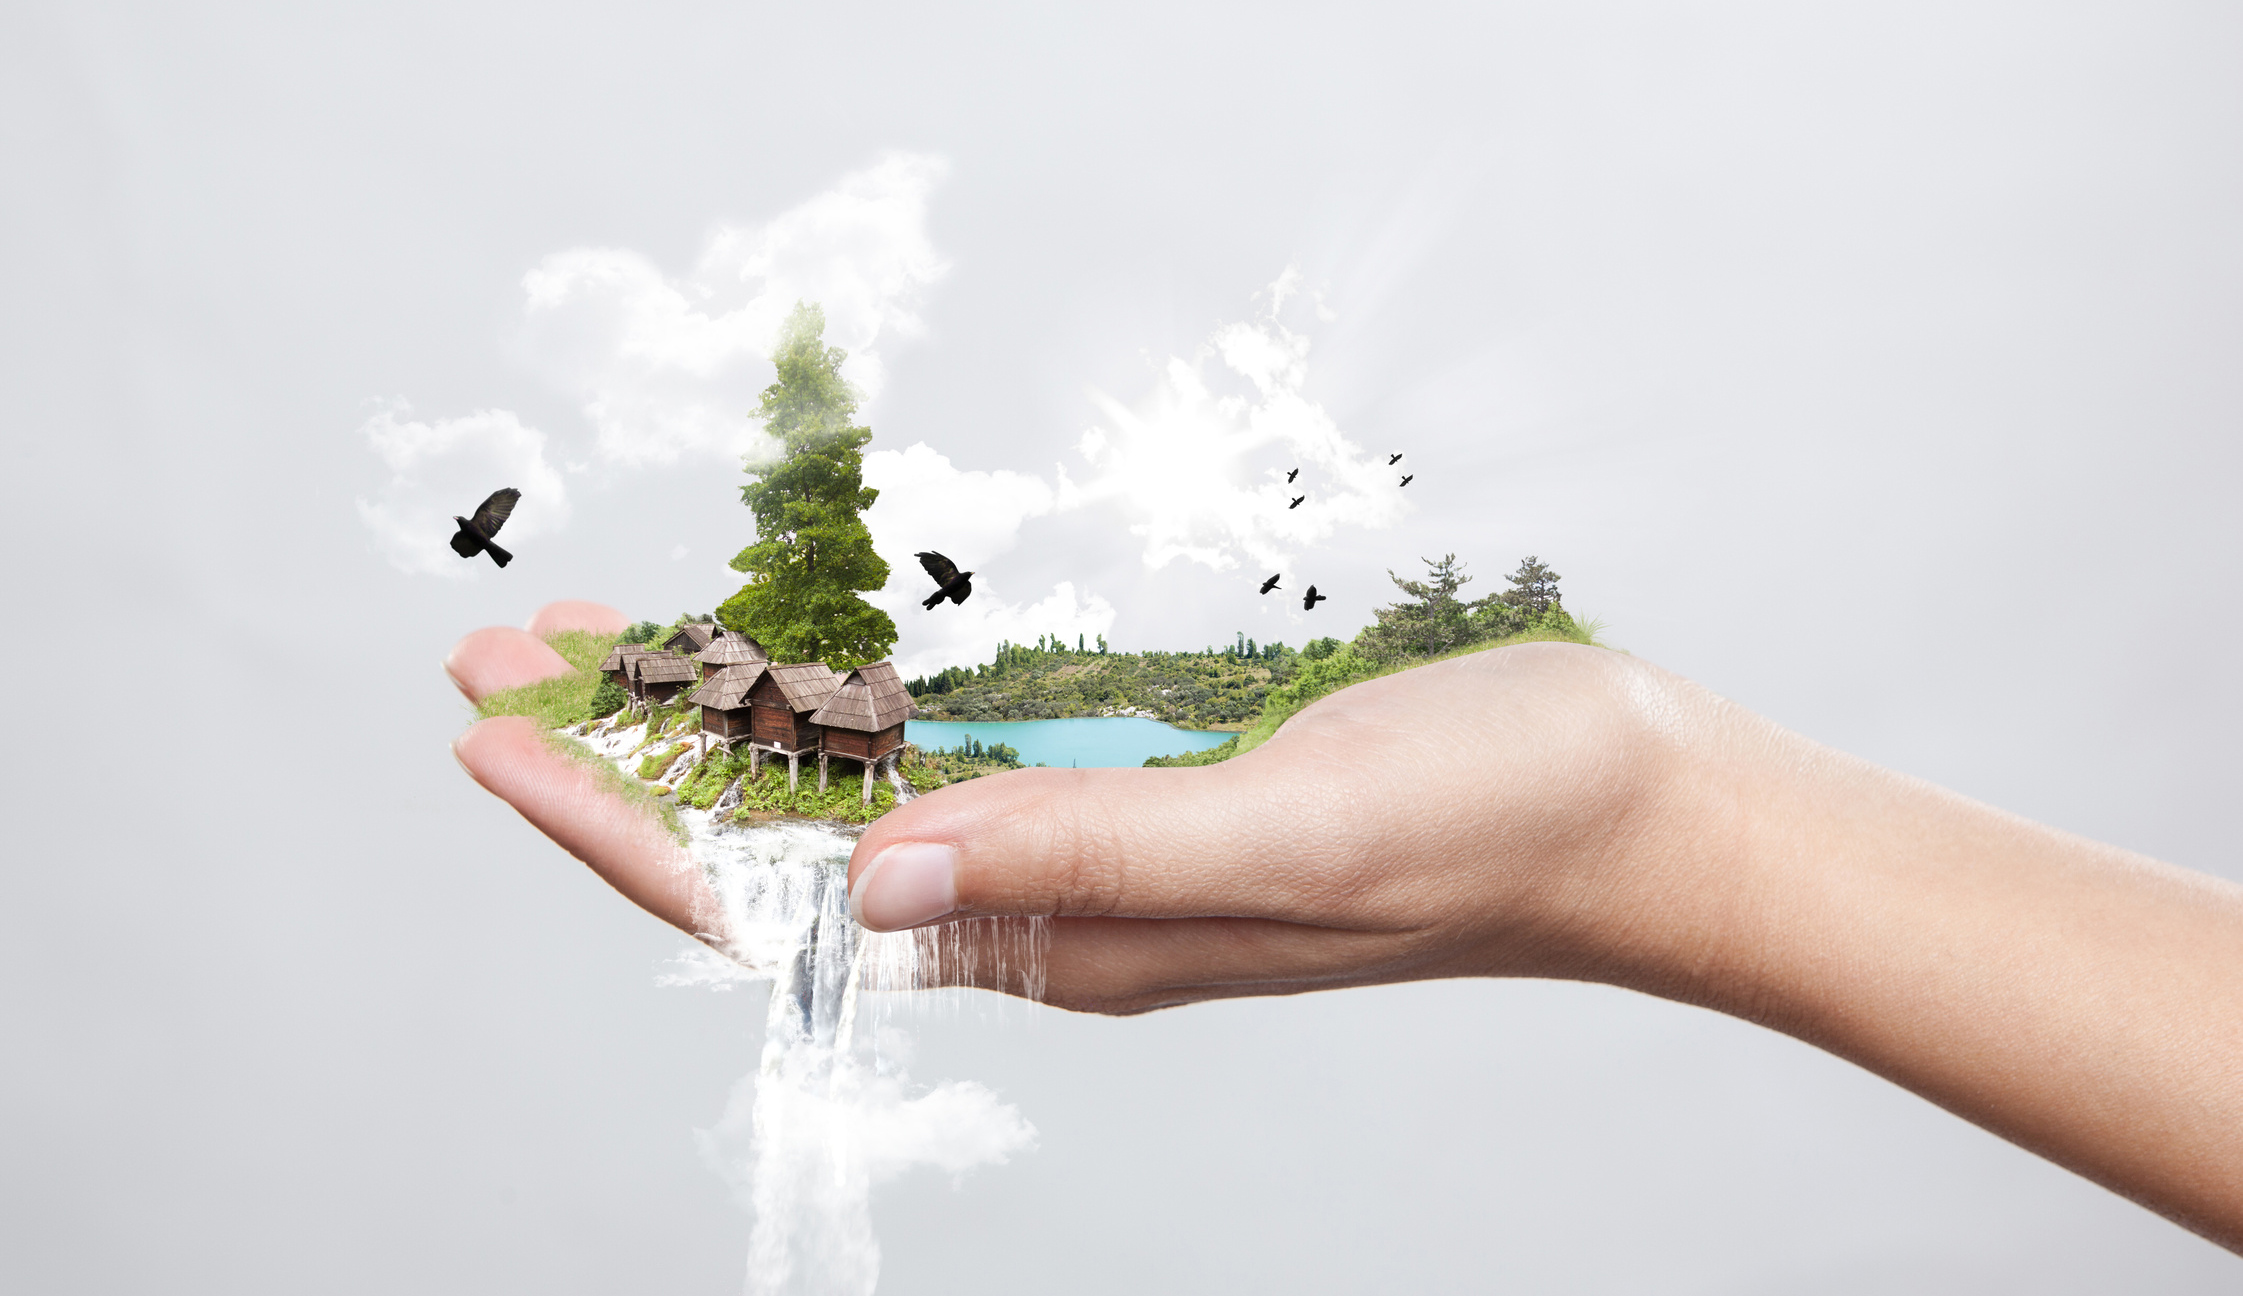 De bescherming van de natuur is de verantwoordelijkheid van ons allen...